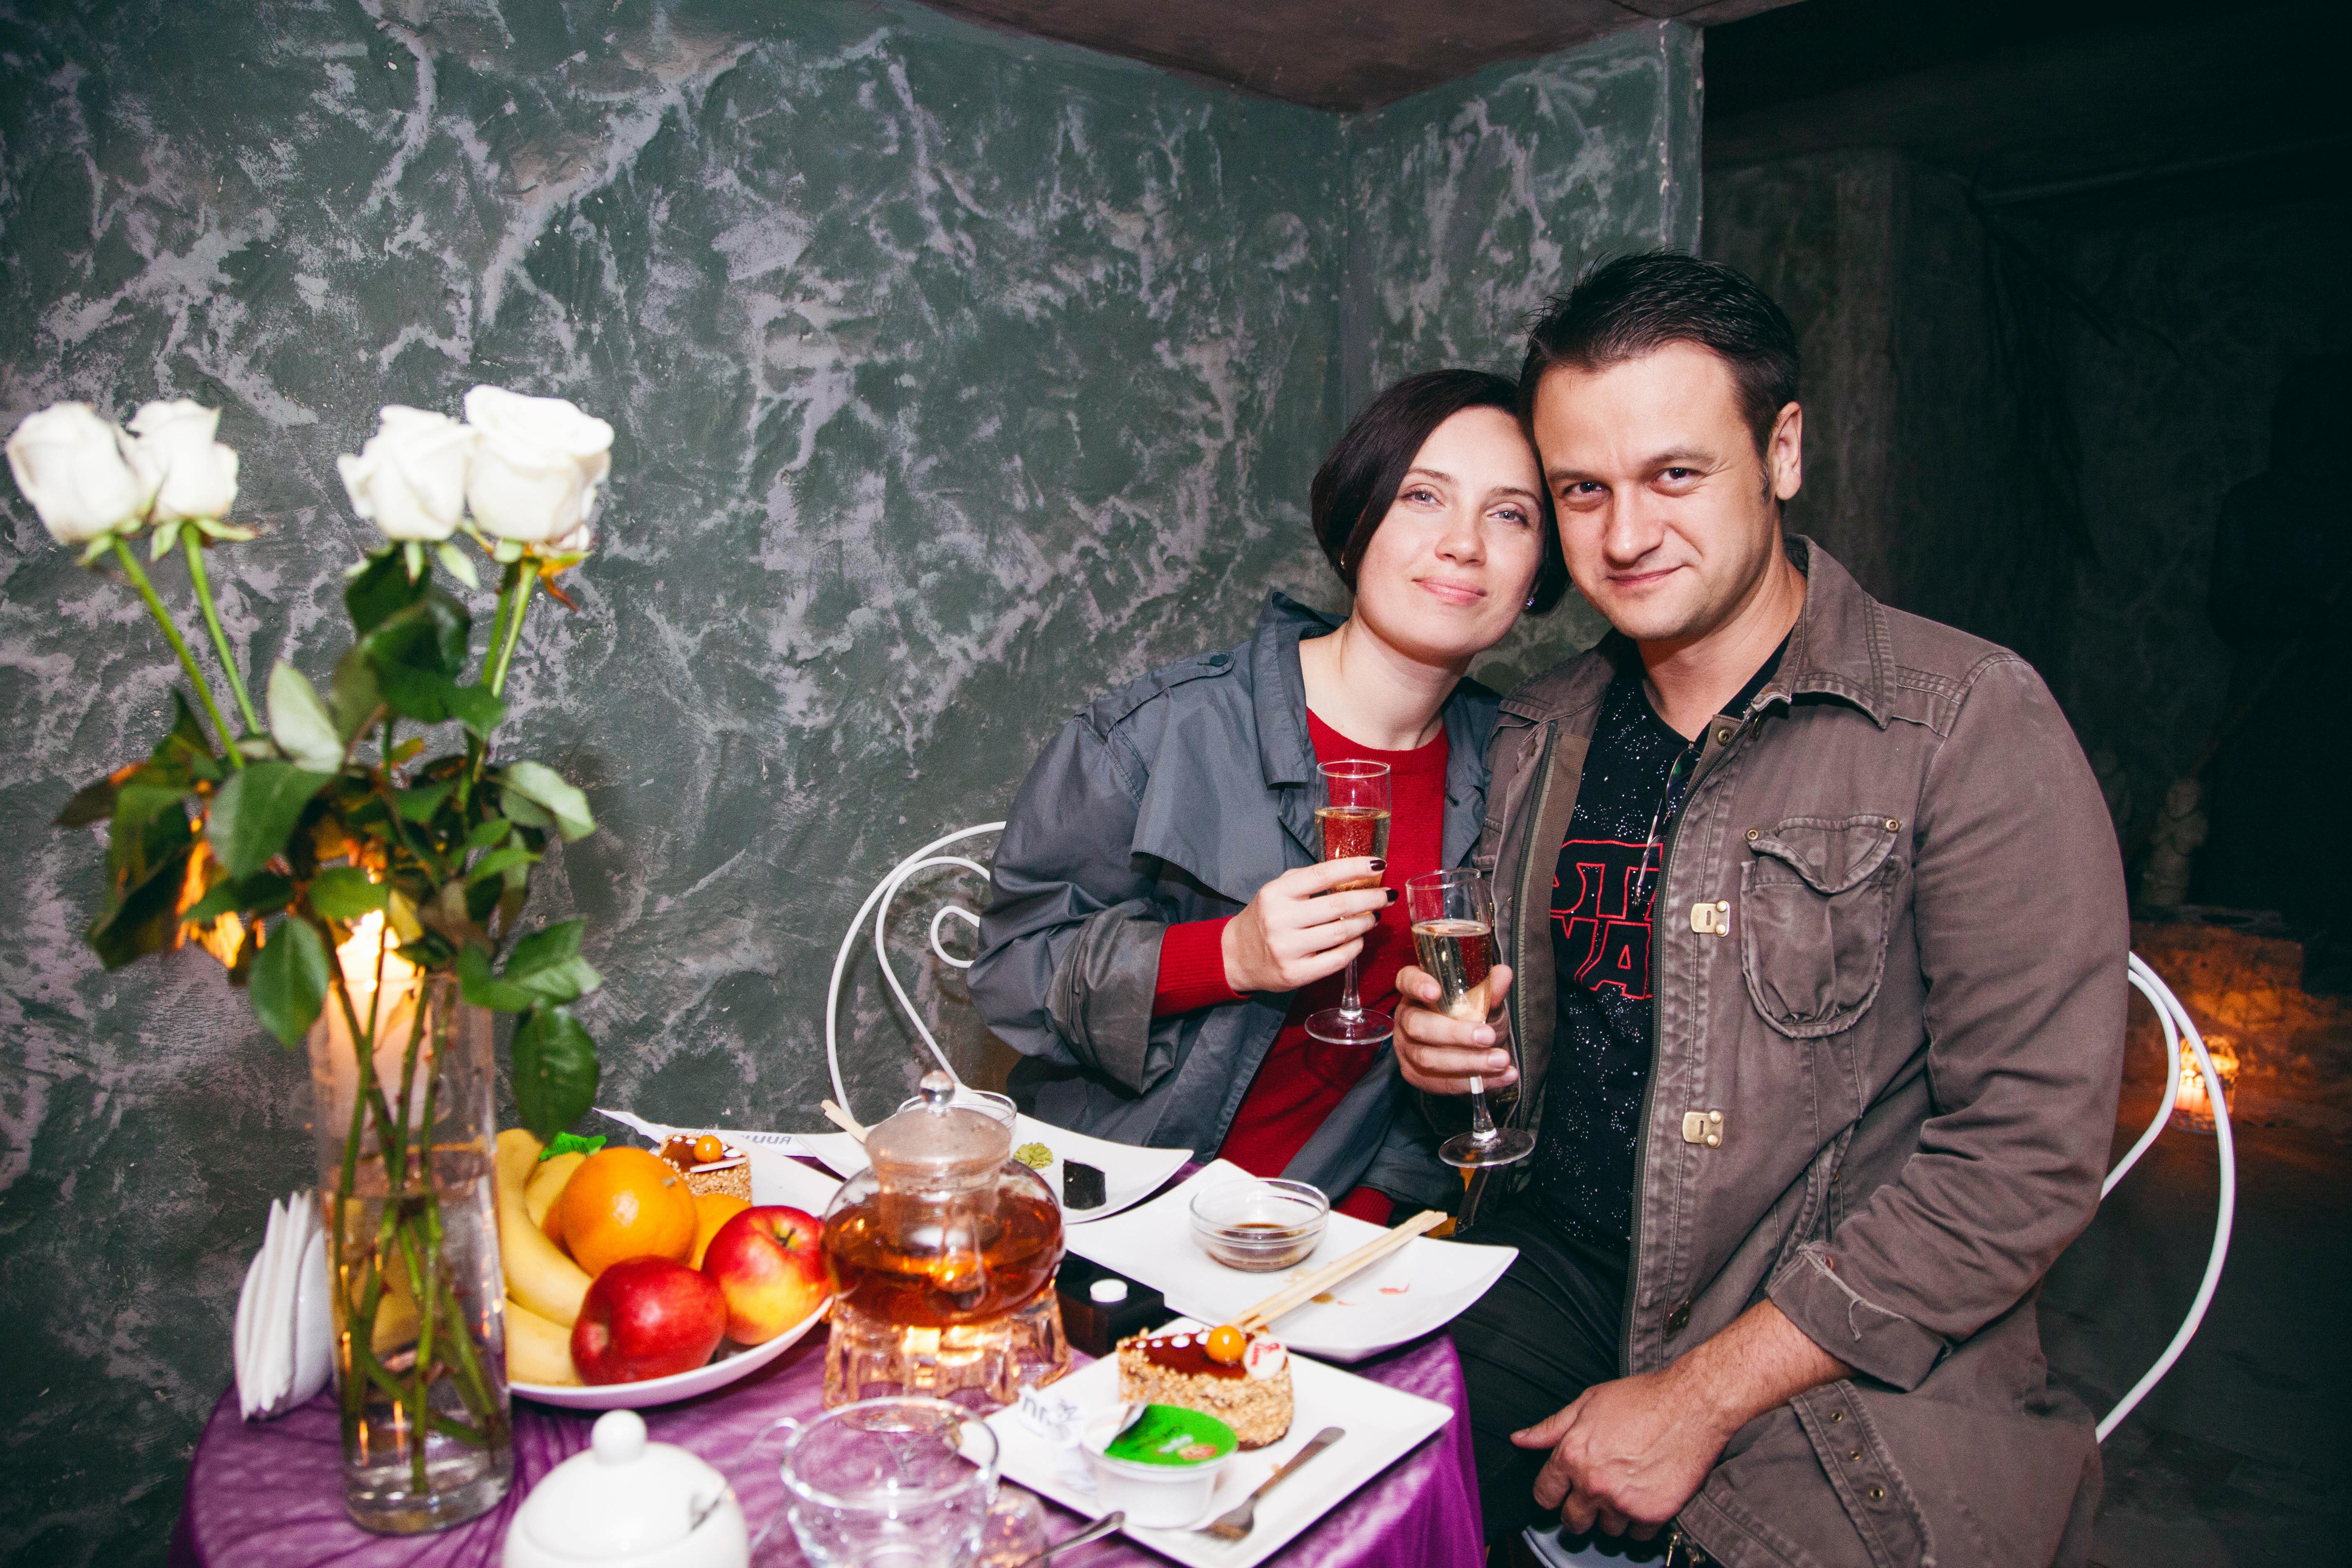 Романтический ужин в подземелье от сервиса романтики Альтечо (1)